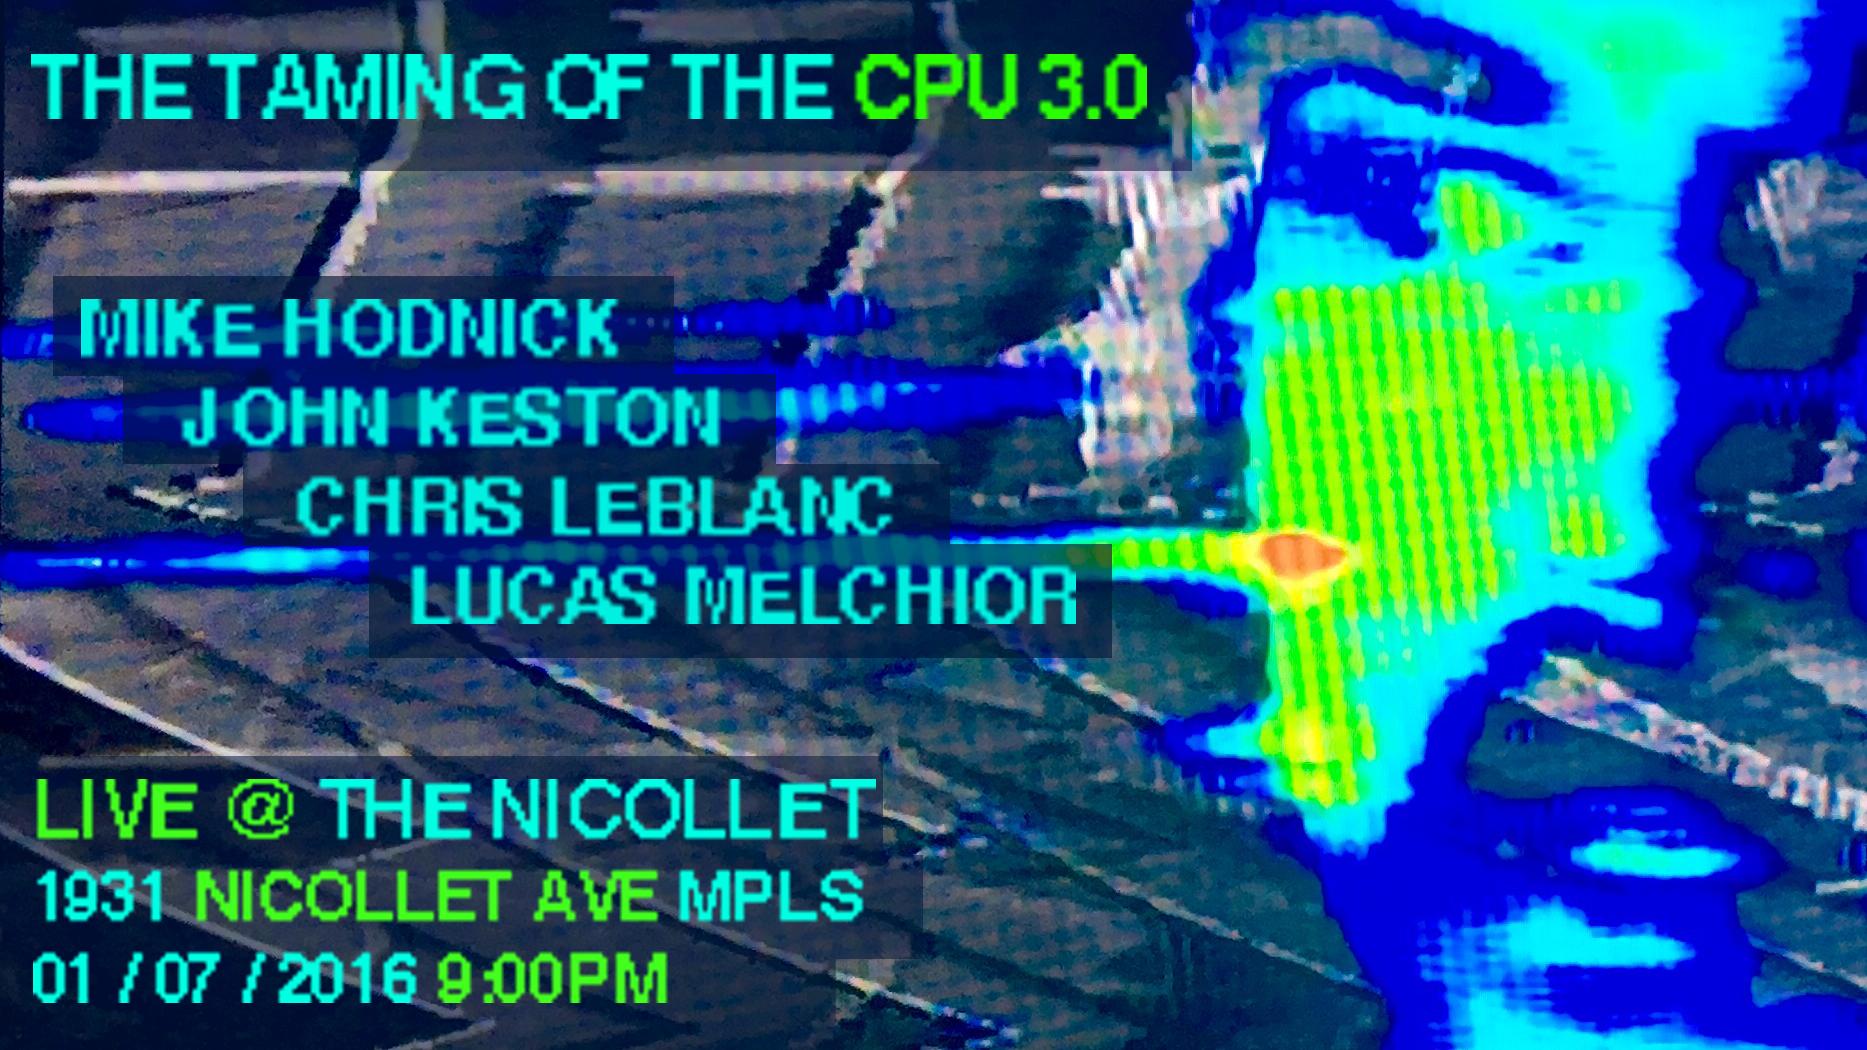 TotCPU3.0.1